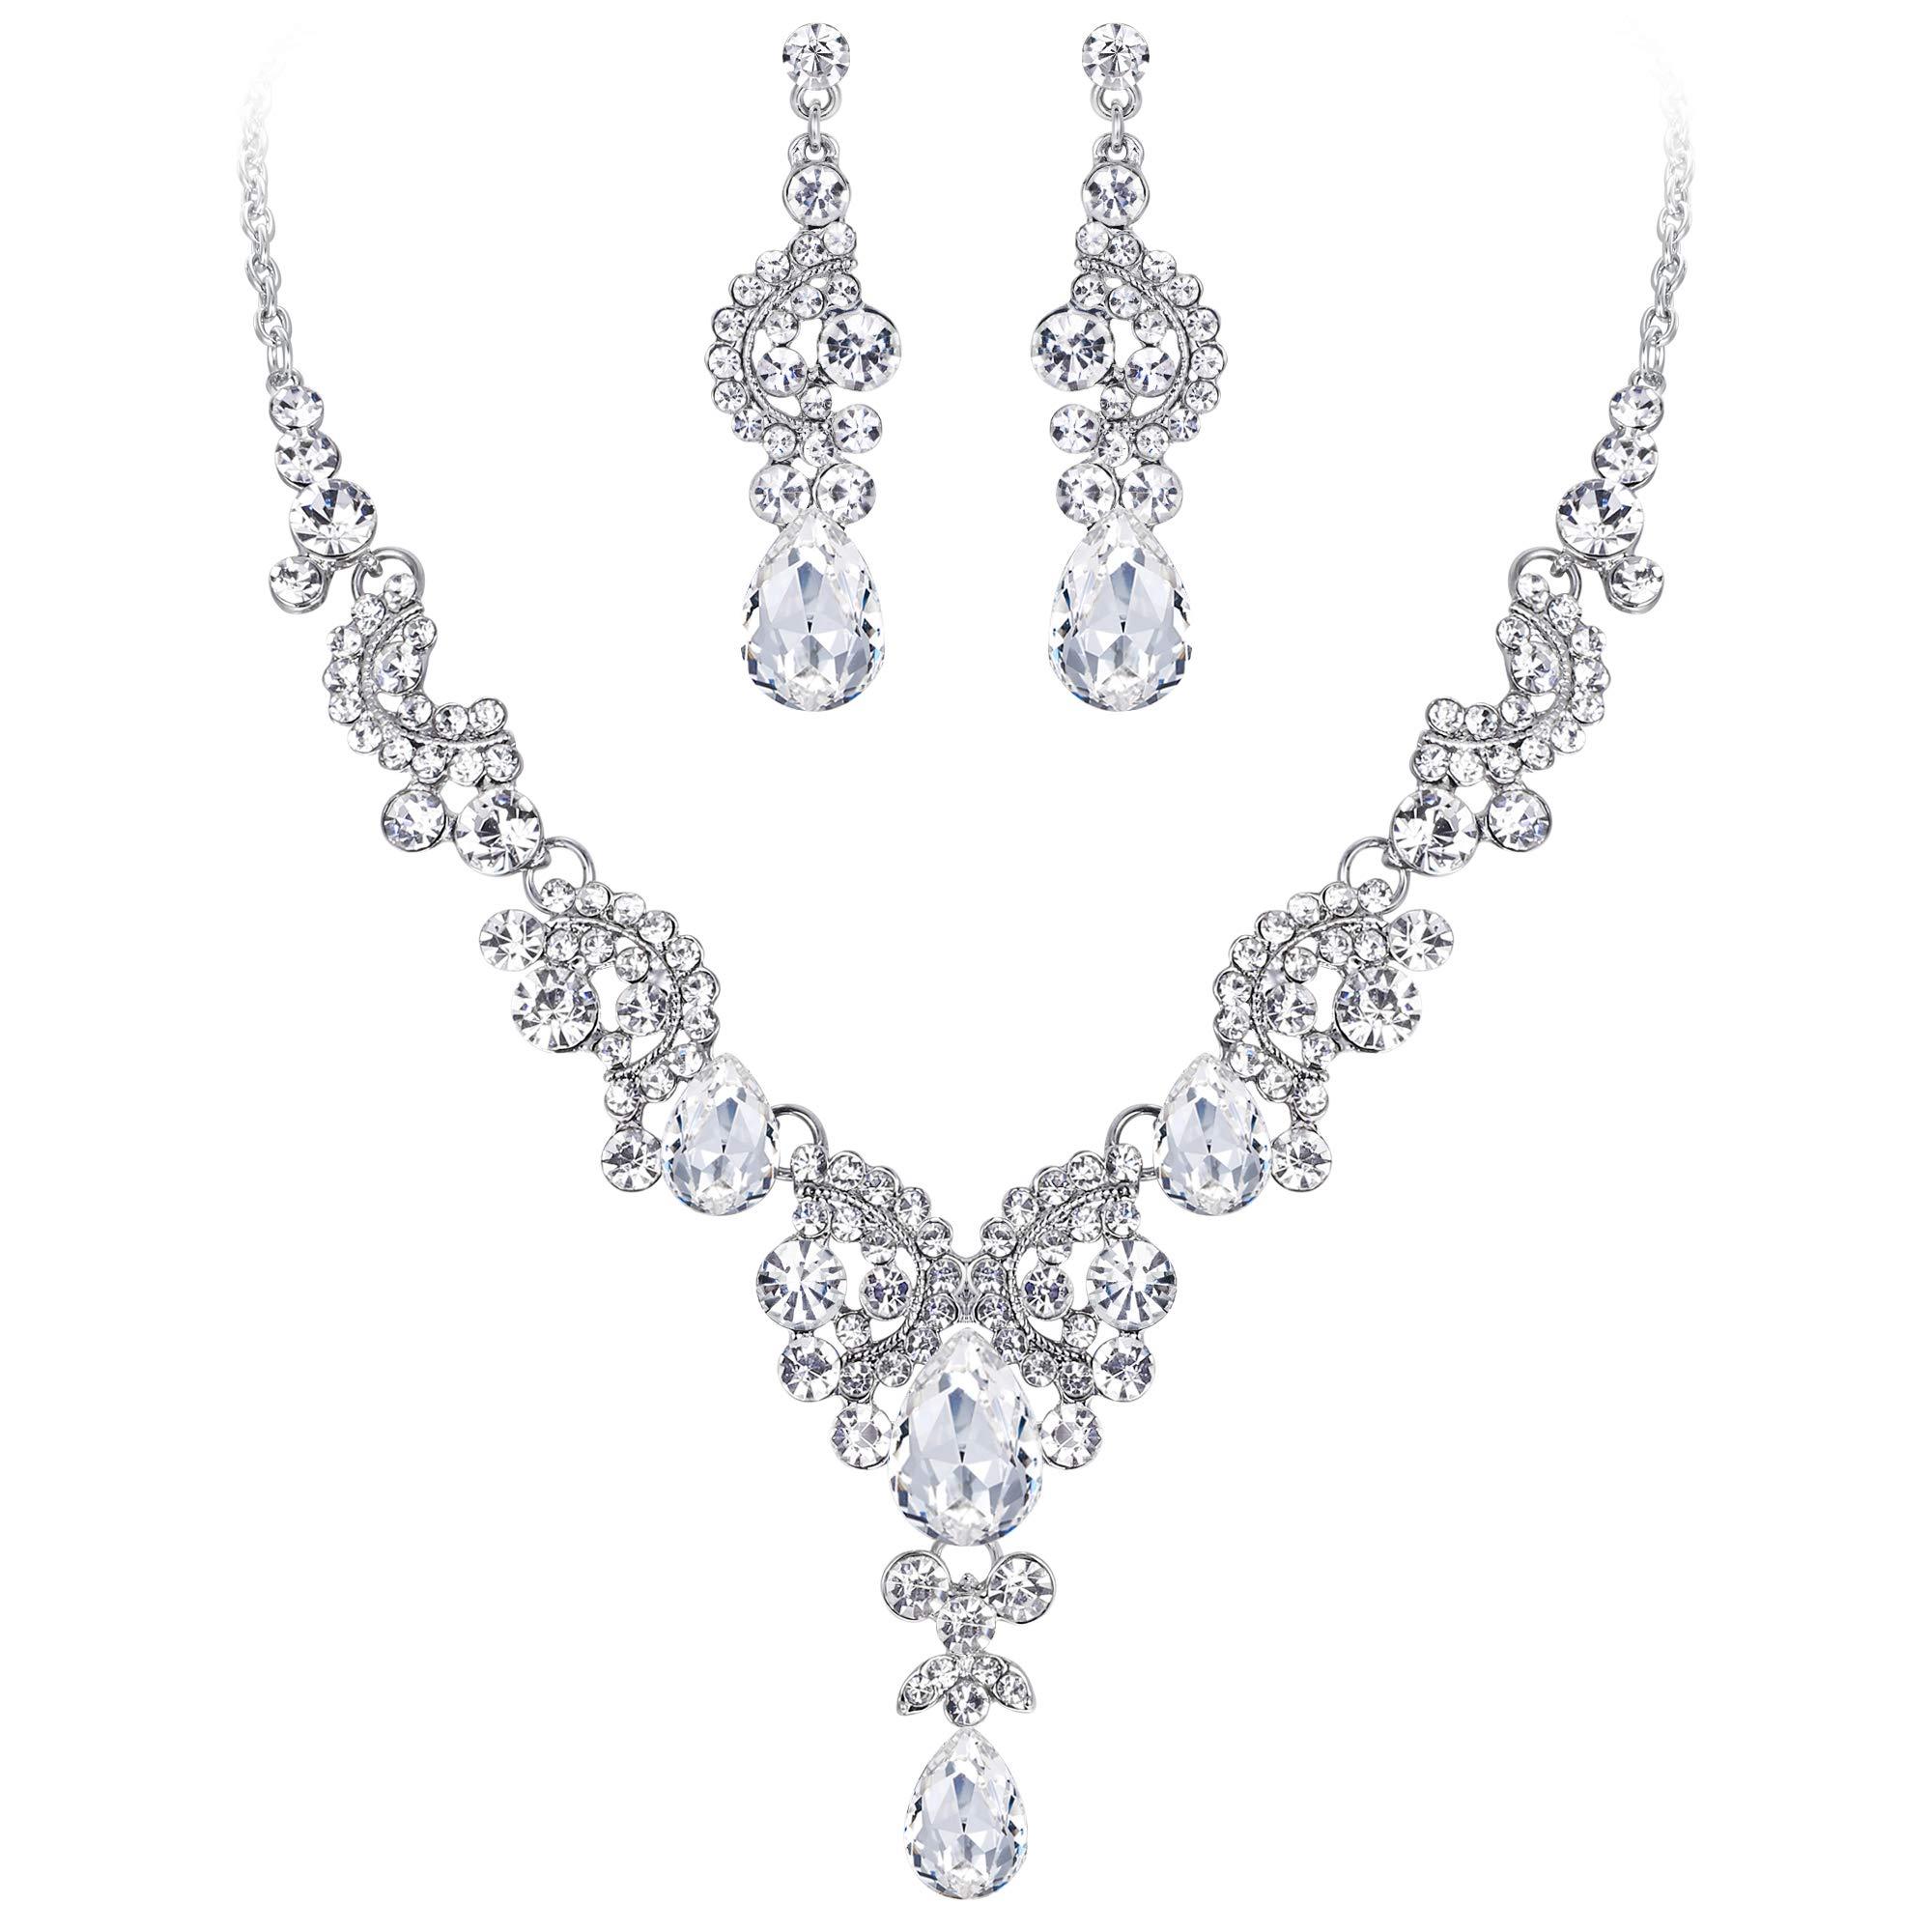 EVER FAITH Austrian Crystal Bridal Floral Wave Teardrop Necklace Earrings Set Clear Silver-Tone by EVER FAITH